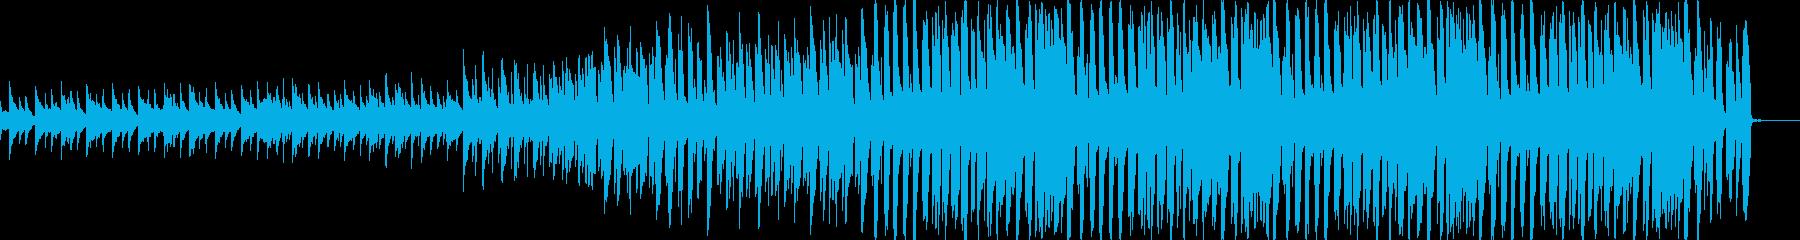 アクティブミドルテンポテクノの再生済みの波形